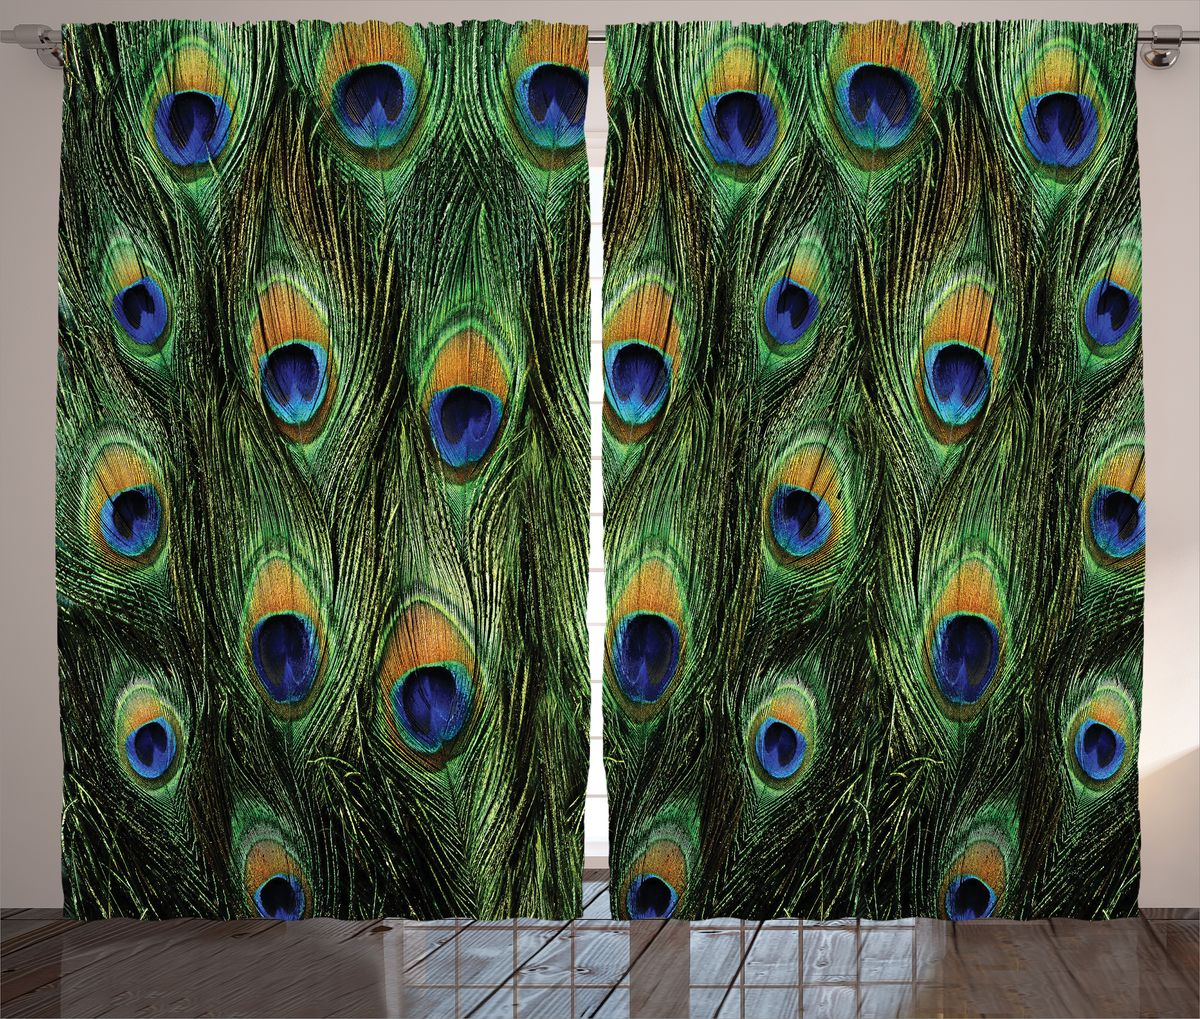 Комплект фотоштор Magic Lady, на ленте, высота 265 см. шсг_16420СД-05413-ФШ-ГБ-001Компания Сэмболь изготавливает шторы из высококачественного сатена (полиэстер 100%). При изготовлении используются специальные гипоаллергенные чернила для прямой печати по ткани, безопасные для человека и животных. Экологичность продукции Magic lady и безопасность для окружающей среды подтверждены сертификатом Oeko-Tex Standard 100. Крепление: крючки для крепления на шторной ленте (50 шт). Возможно крепление на трубу. Внимание! При нанесении сублимационной печати на ткань технологическим методом при температуре 240°С, возможно отклонение полученных размеров (указанных на этикетке и сайте) от стандартных на + - 3-5 см. Производитель старается максимально точно передать цвета изделия на фотографиях, однако искажения неизбежны и фактический цвет изделия может отличаться от воспринимаемого по фото. Обратите внимание! Шторы изготовлены из полиэстра сатенового переплетения, а не из сатина (хлопок). Размер одного полотна шторы: 145х265 см. В комплекте 2 полотна шторы и 50 крючков.